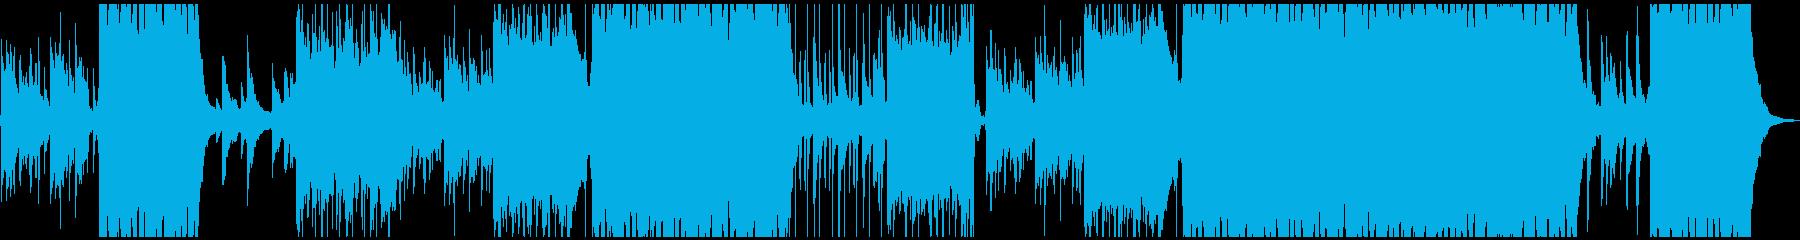 ピアノとシンセリードが印象的なエレクトロの再生済みの波形